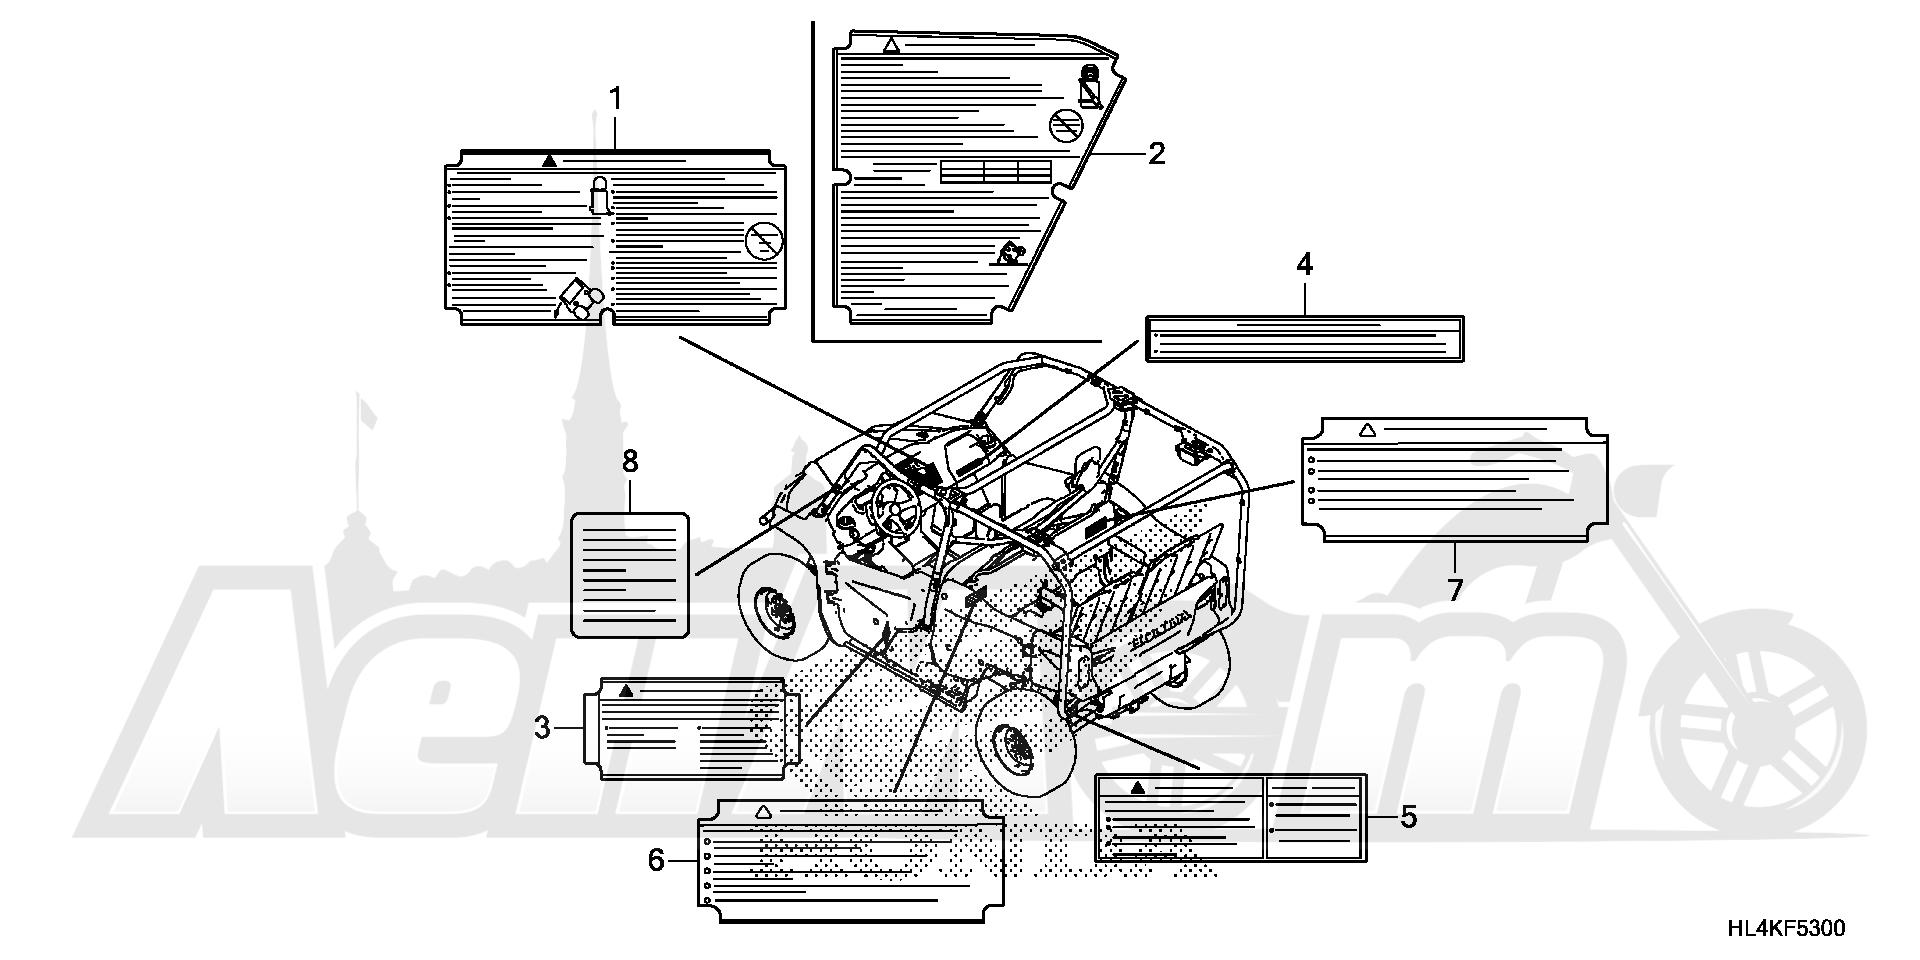 Запчасти для Квадроцикла Honda 2019 SXS1000M3P Раздел: CAUTION LABEL | предупреждение этикетка, метка